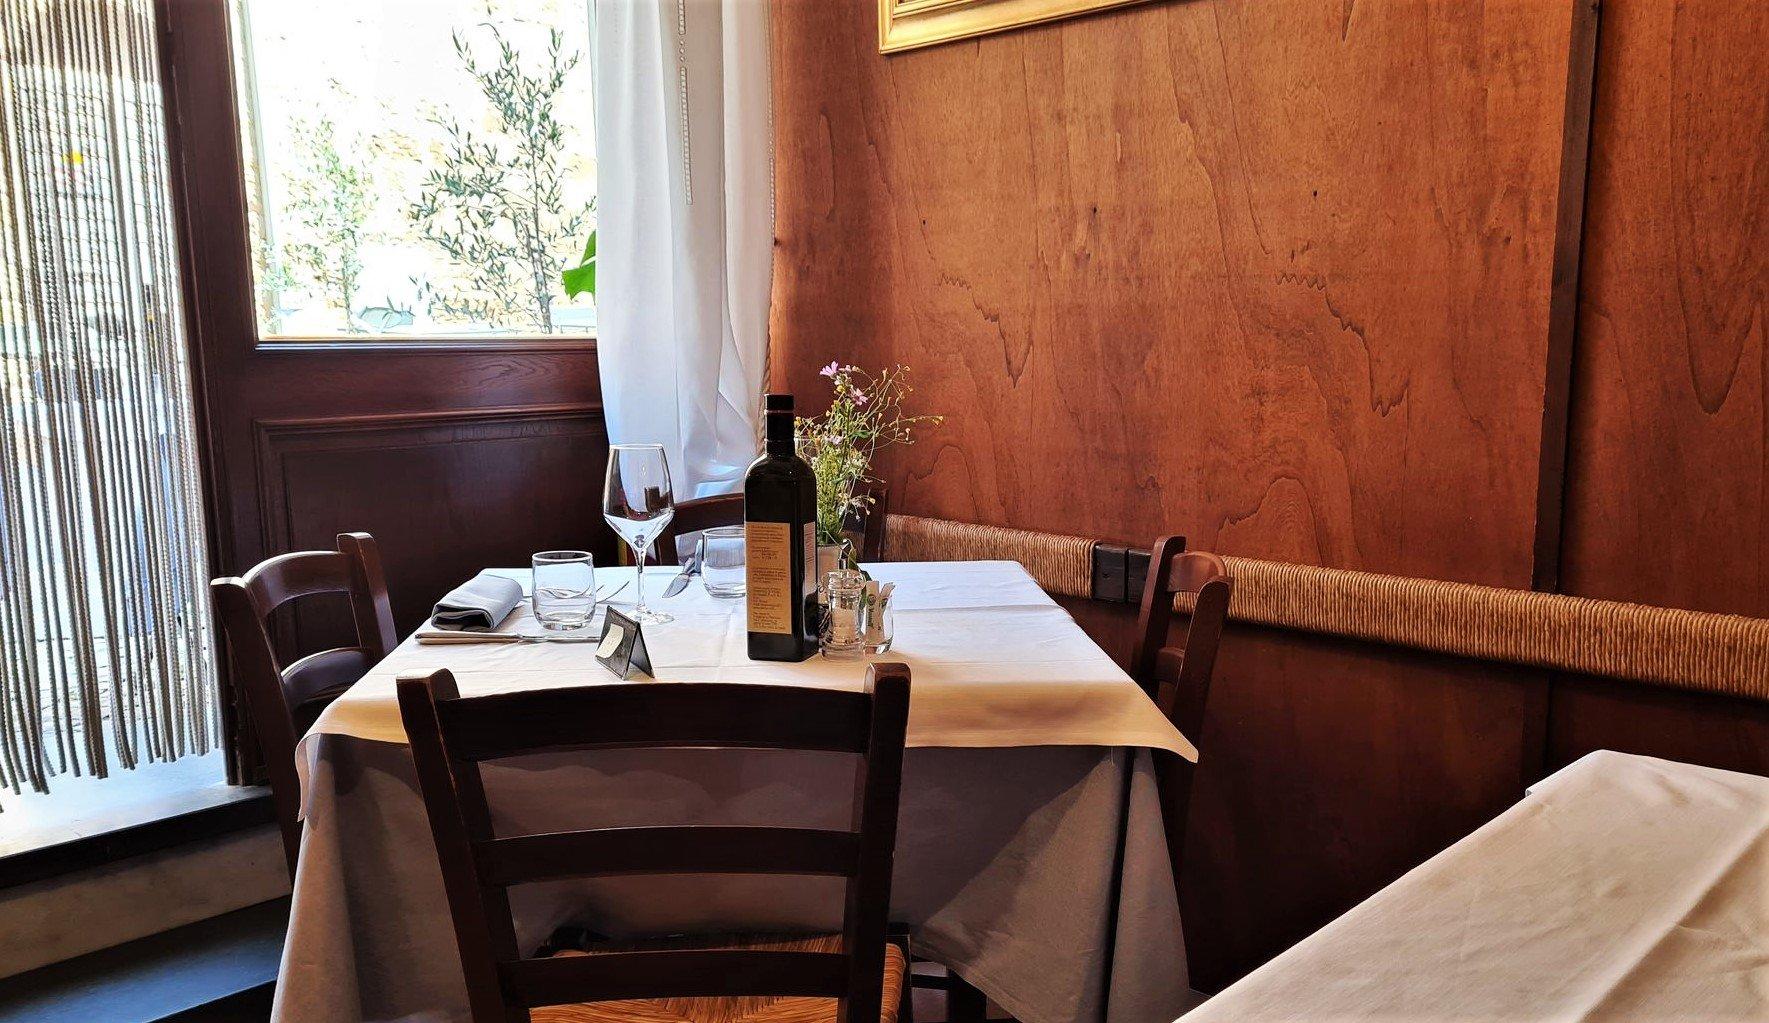 Cosa aspettarsi da un pranzo a La Palomba a Orvieto